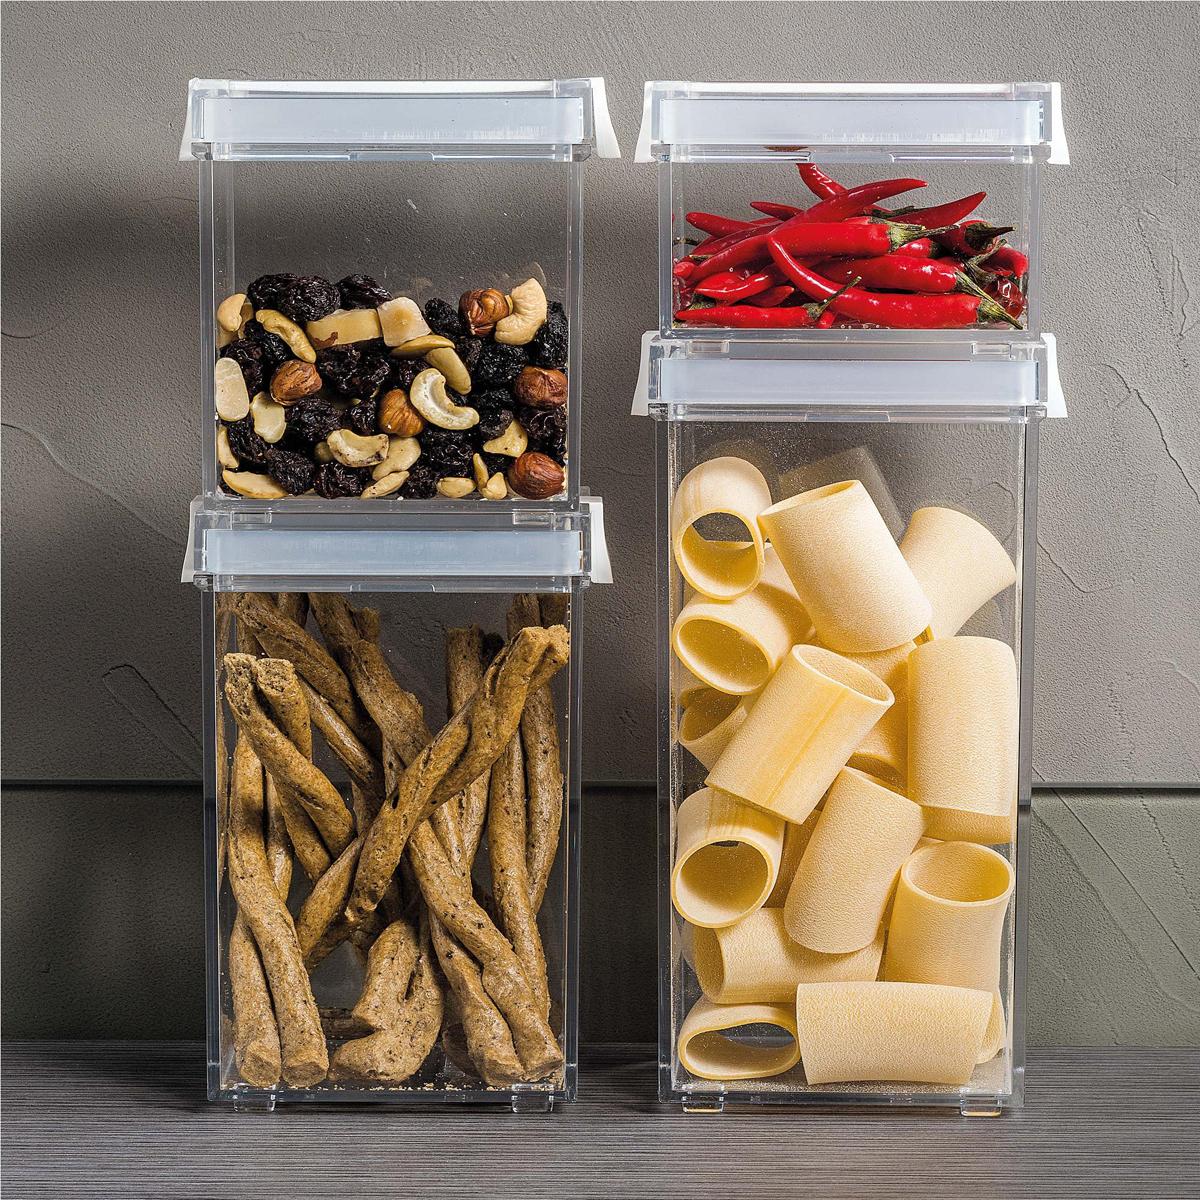 Контейнер из пластика для хранения сыпучих и сухих продуктов незаменим на кухне. Он помогает поддерживать порядок и компактно хранить необходимые под рукой. Его также можно использовать для различных мелочей и принадлежностей для рукоделия. Объем: 1550 мл Размер: 10 x 11 x 22,5 h  Особенности и преимущества: - герметичные крышки сохраняют свежесть продуктов - стильный дизайн и практичная конструкция - подходит для различных продуктов.